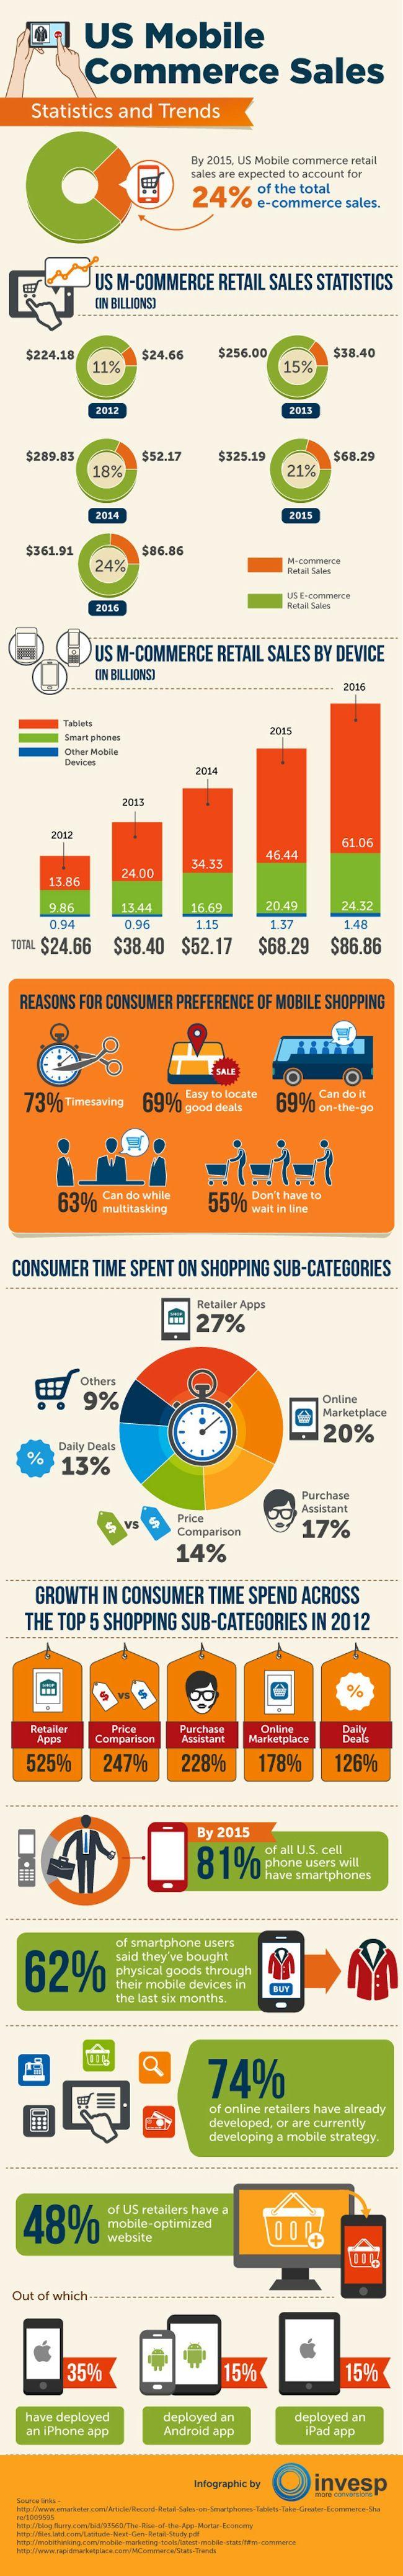 L'impressionnante envolée du m-commerce en une infographie ///////////////////// Pour Jacques-Antoine Granjon, le fondateur de Vente Privée, ça ne fait pas un pli. A terme, le m-commerce représentera 90% des ventes en ligne.